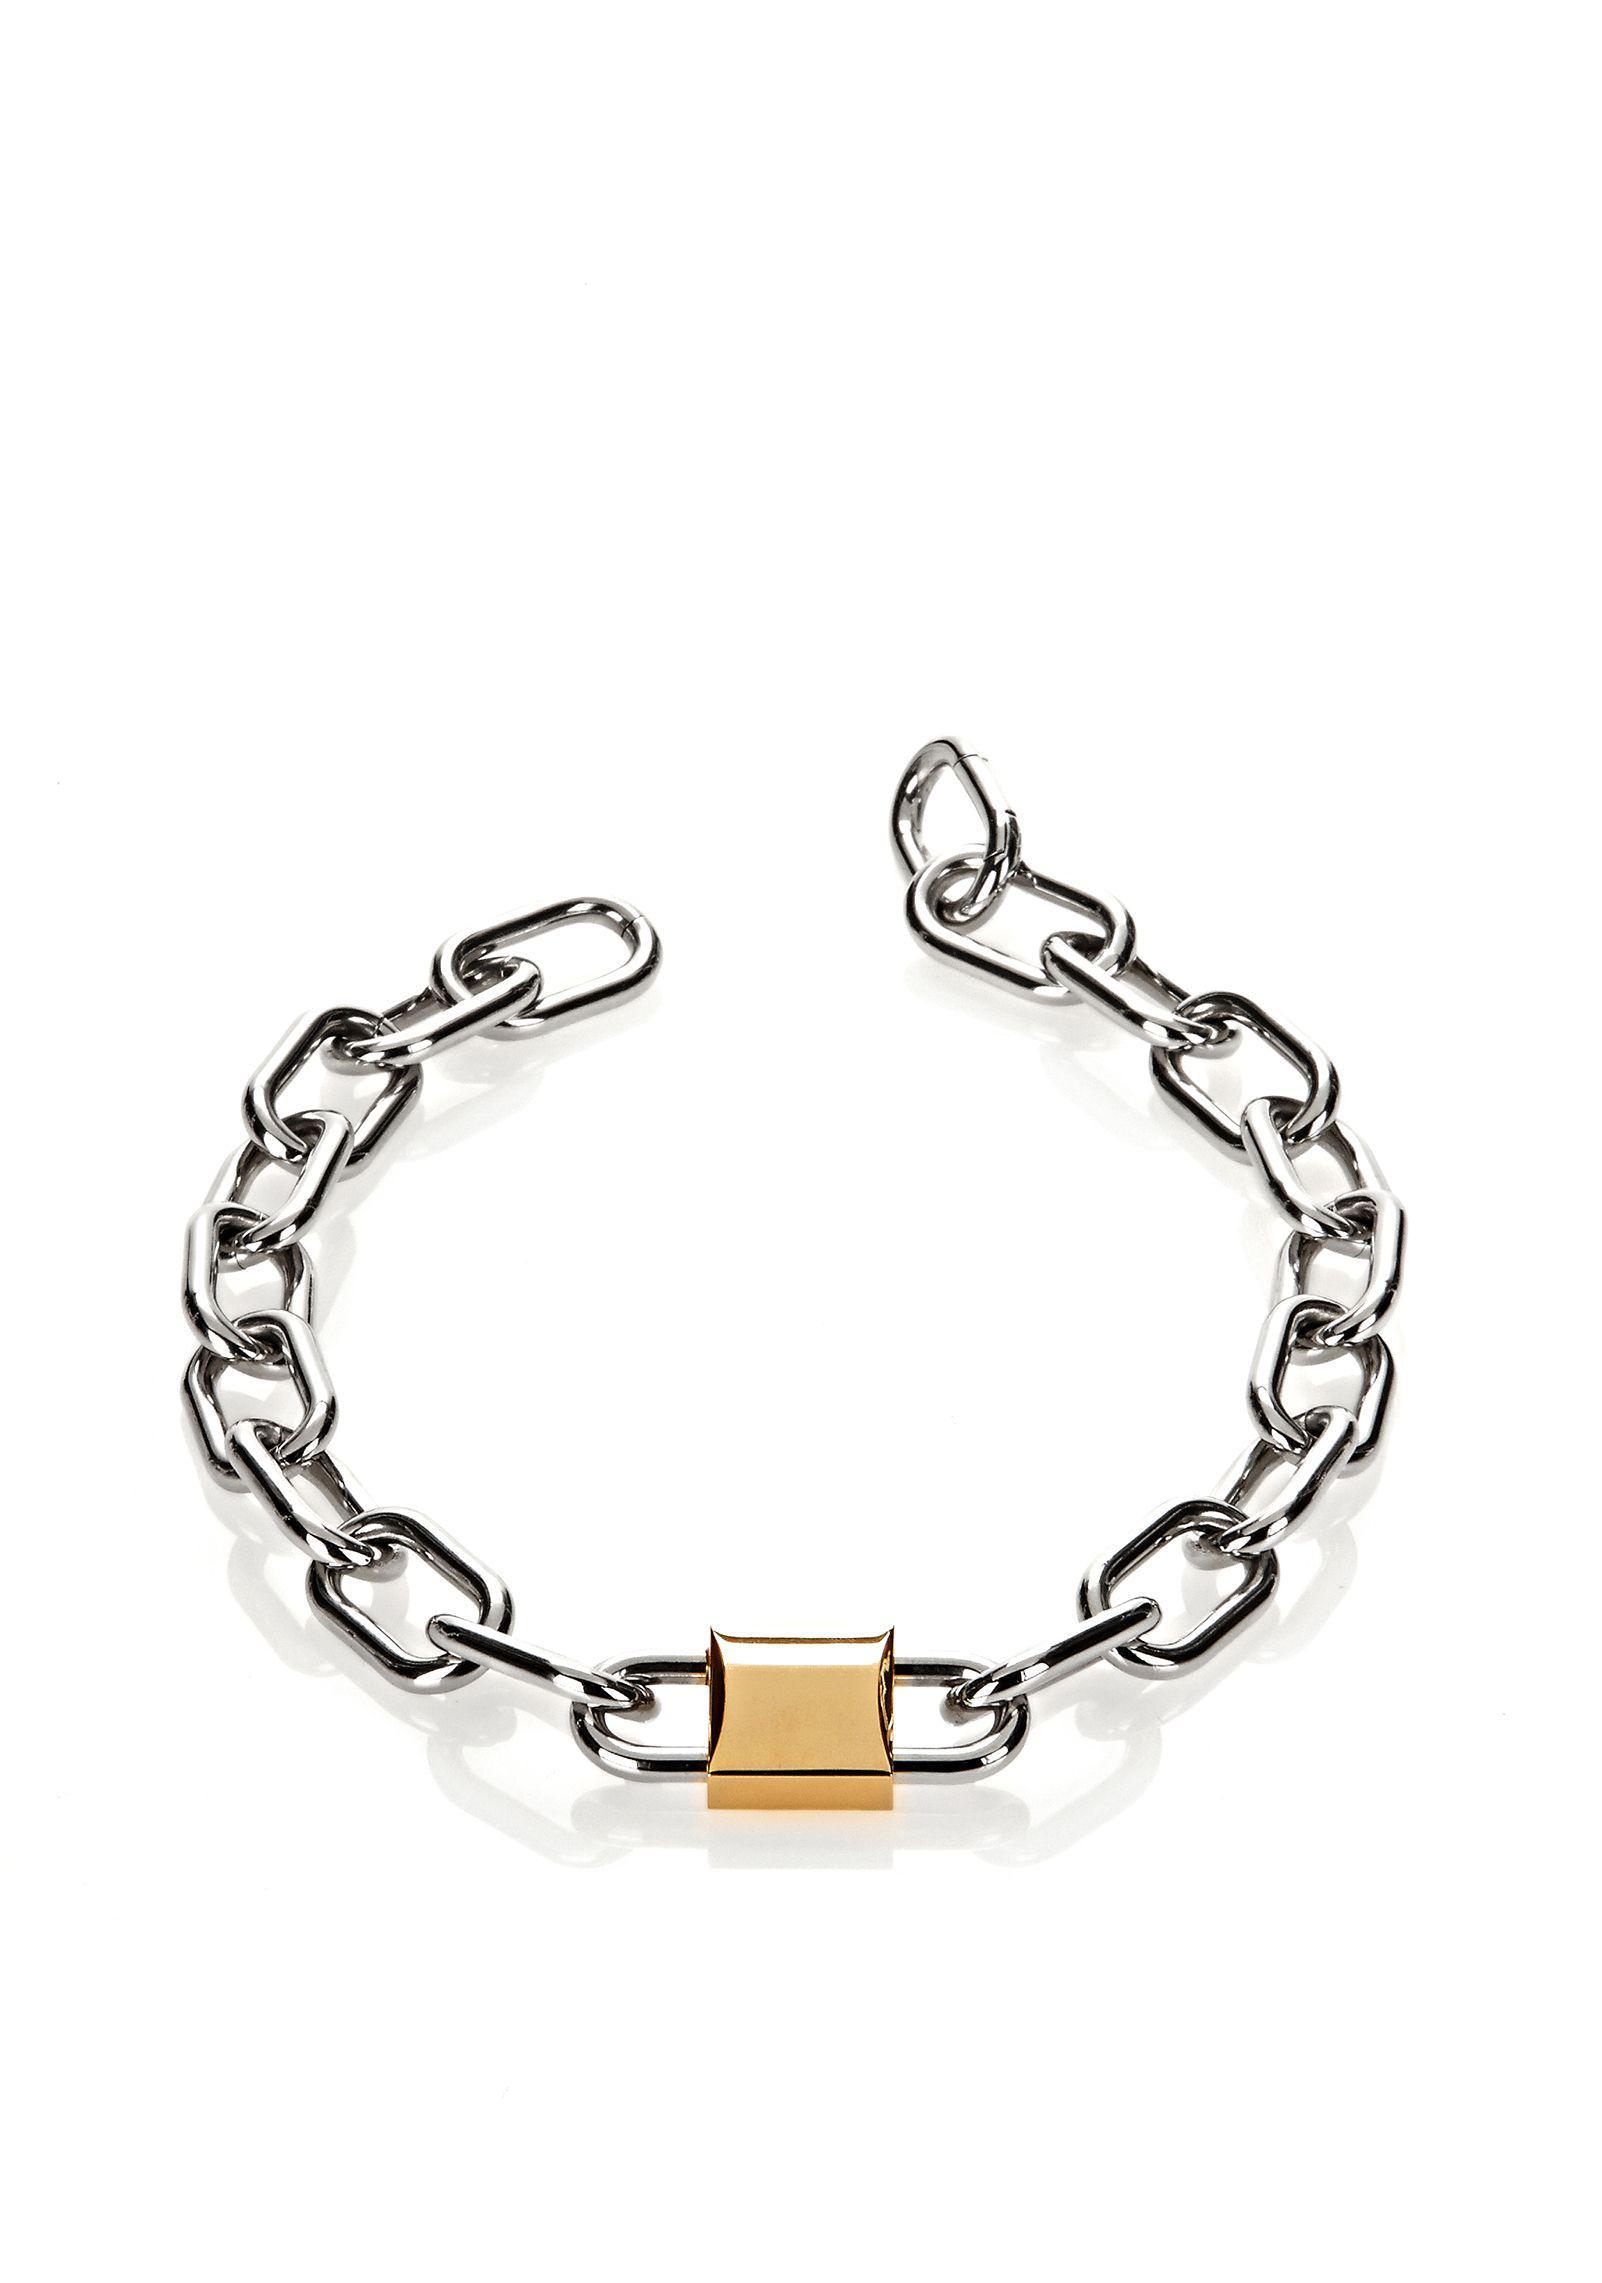 Alexander Wang Mixed Links Necklace in Metallics CUGxSAr